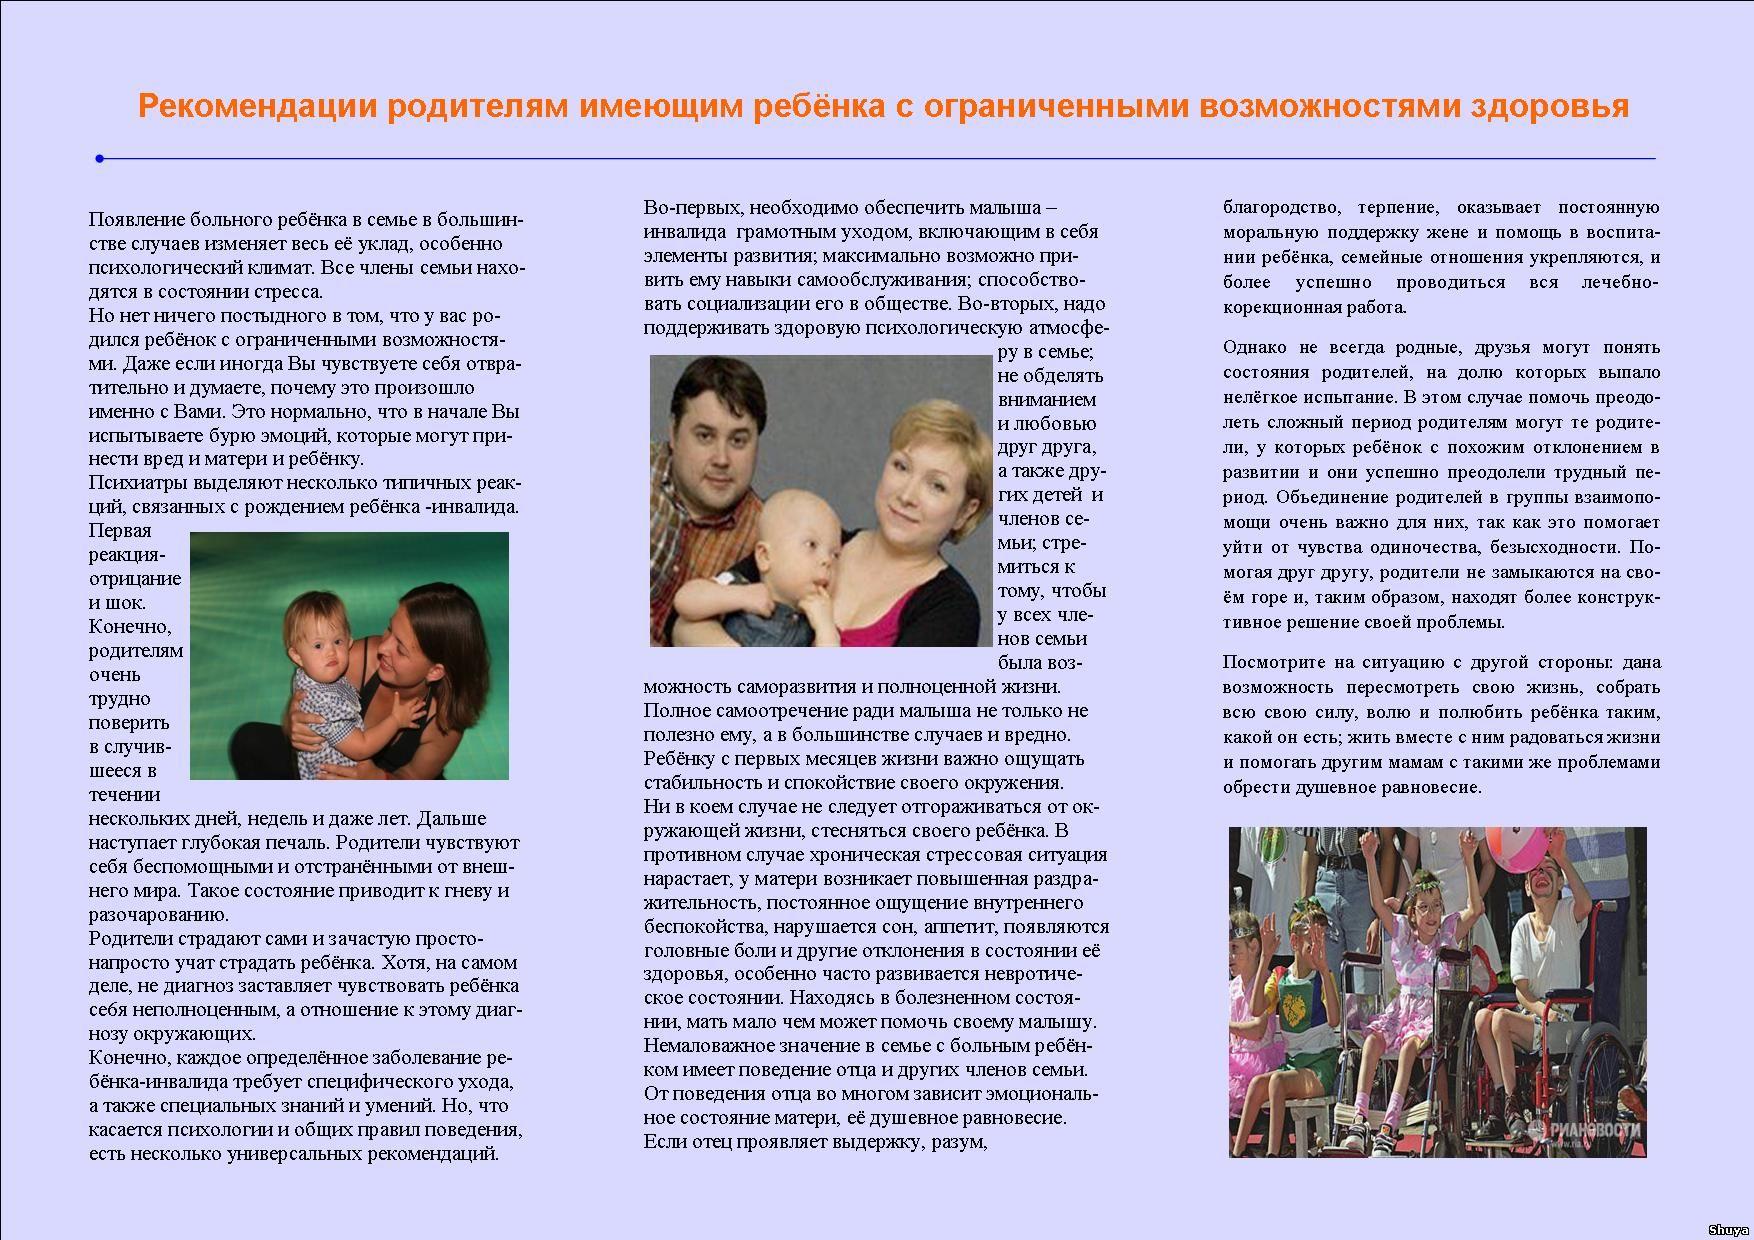 Форум о сексуальных девиациях в рамках закона